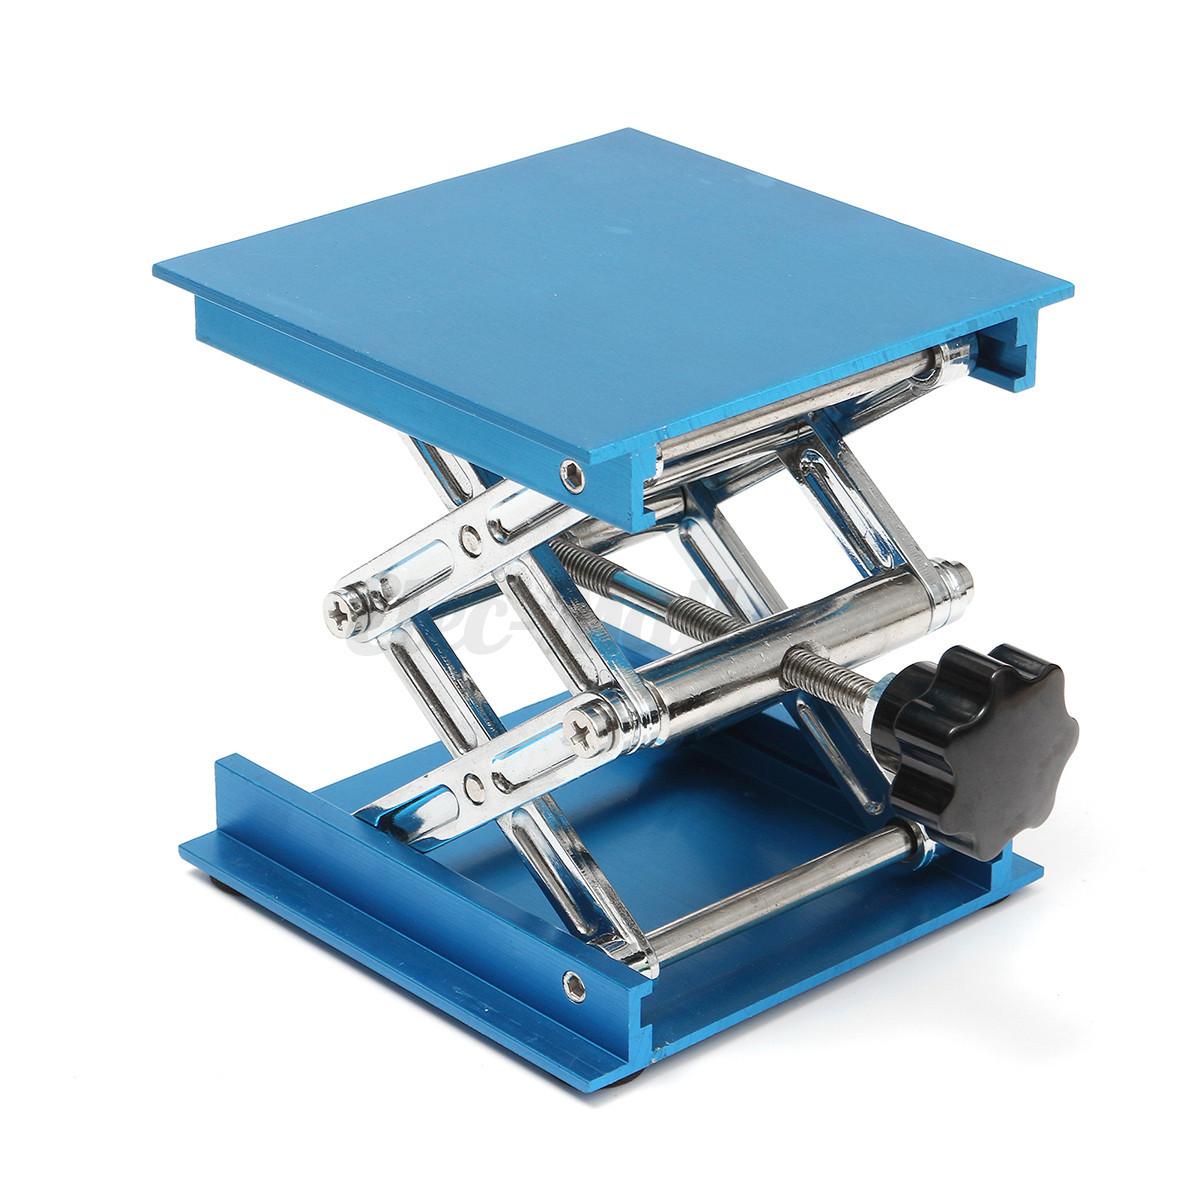 diy metal engraving machine